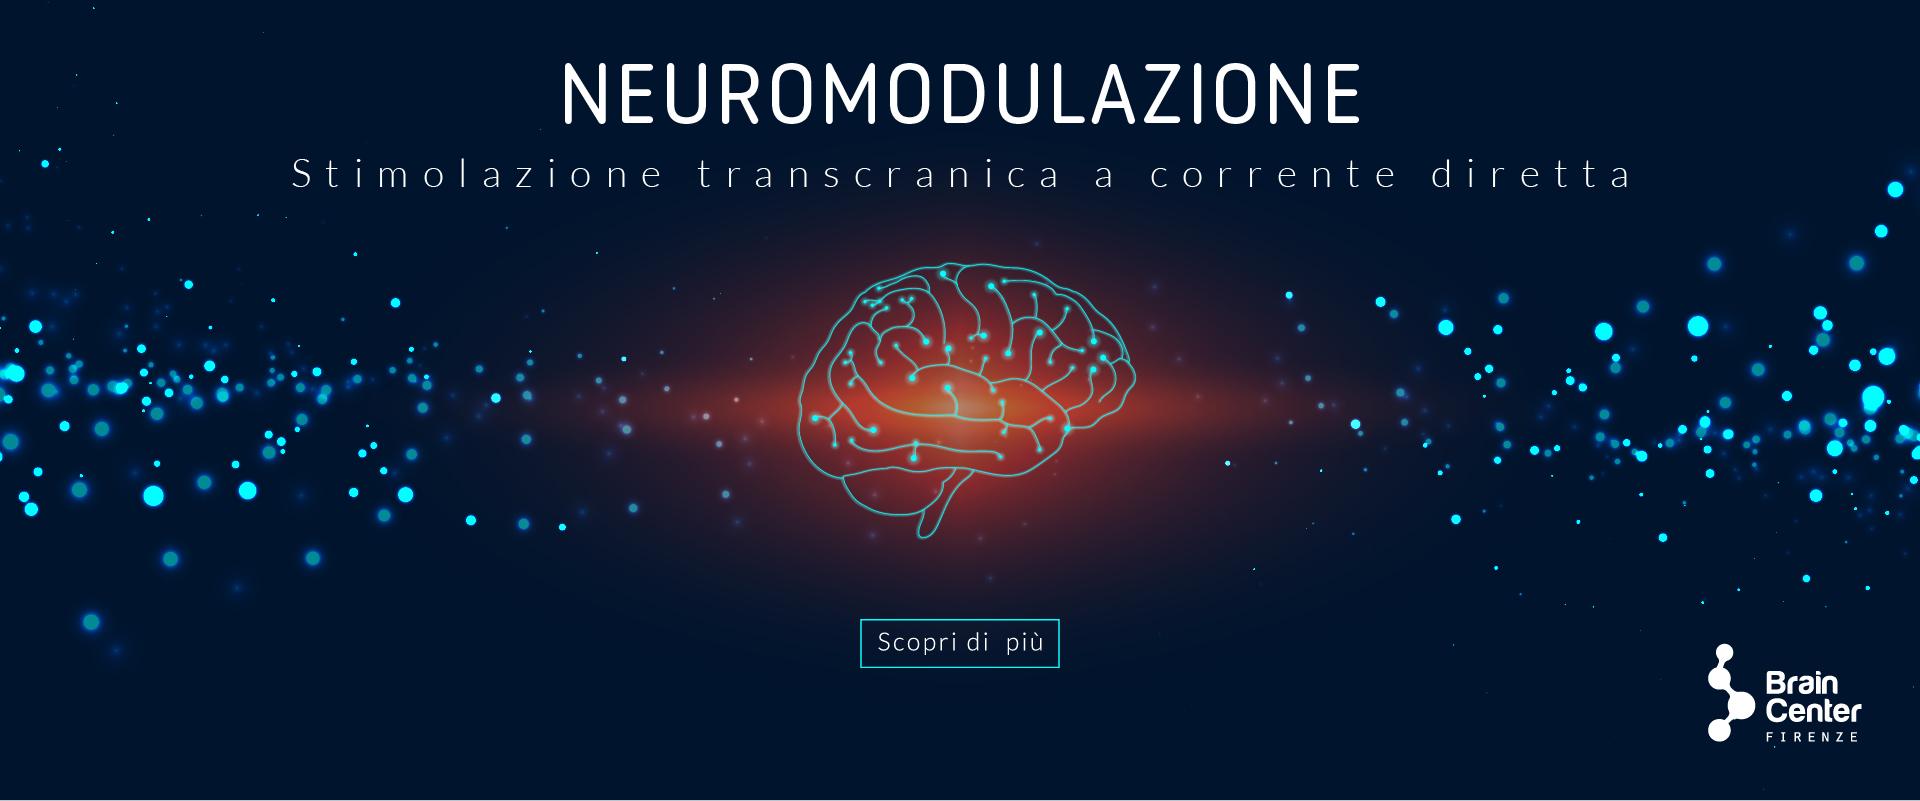 Neuromodulazione